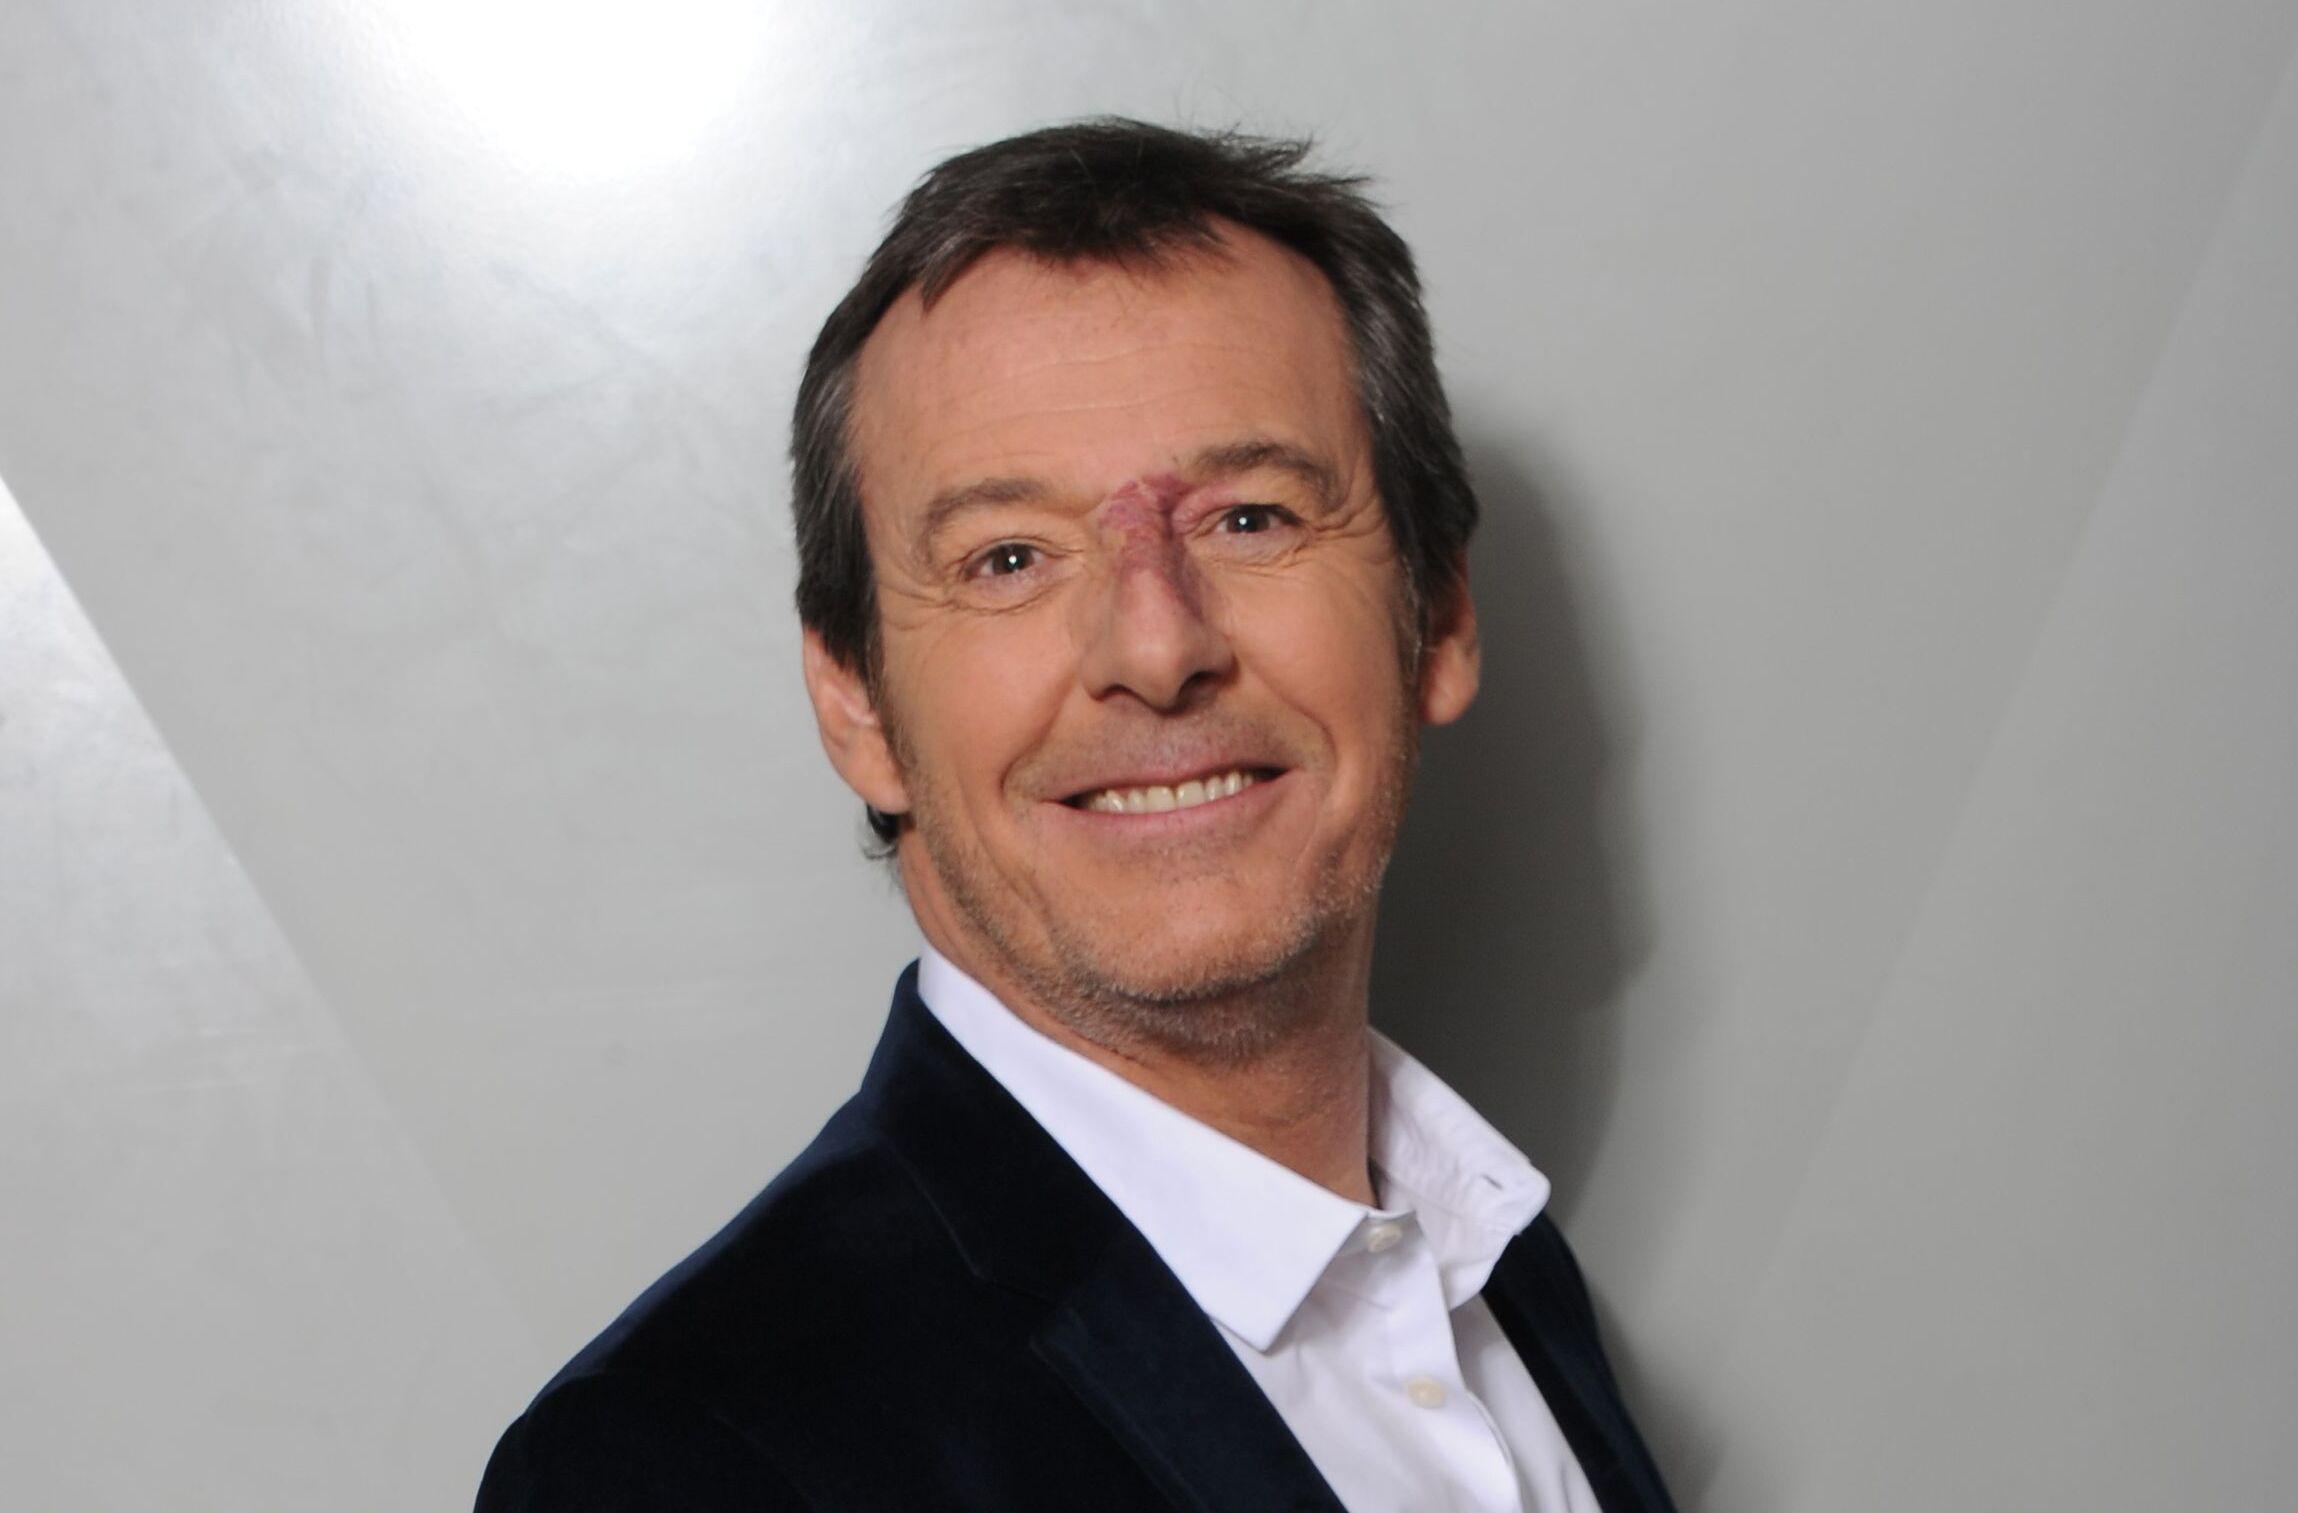 Jean-Luc Reichmann de retour sur France 2 : il renoue avec le service public 19 ans après son départ